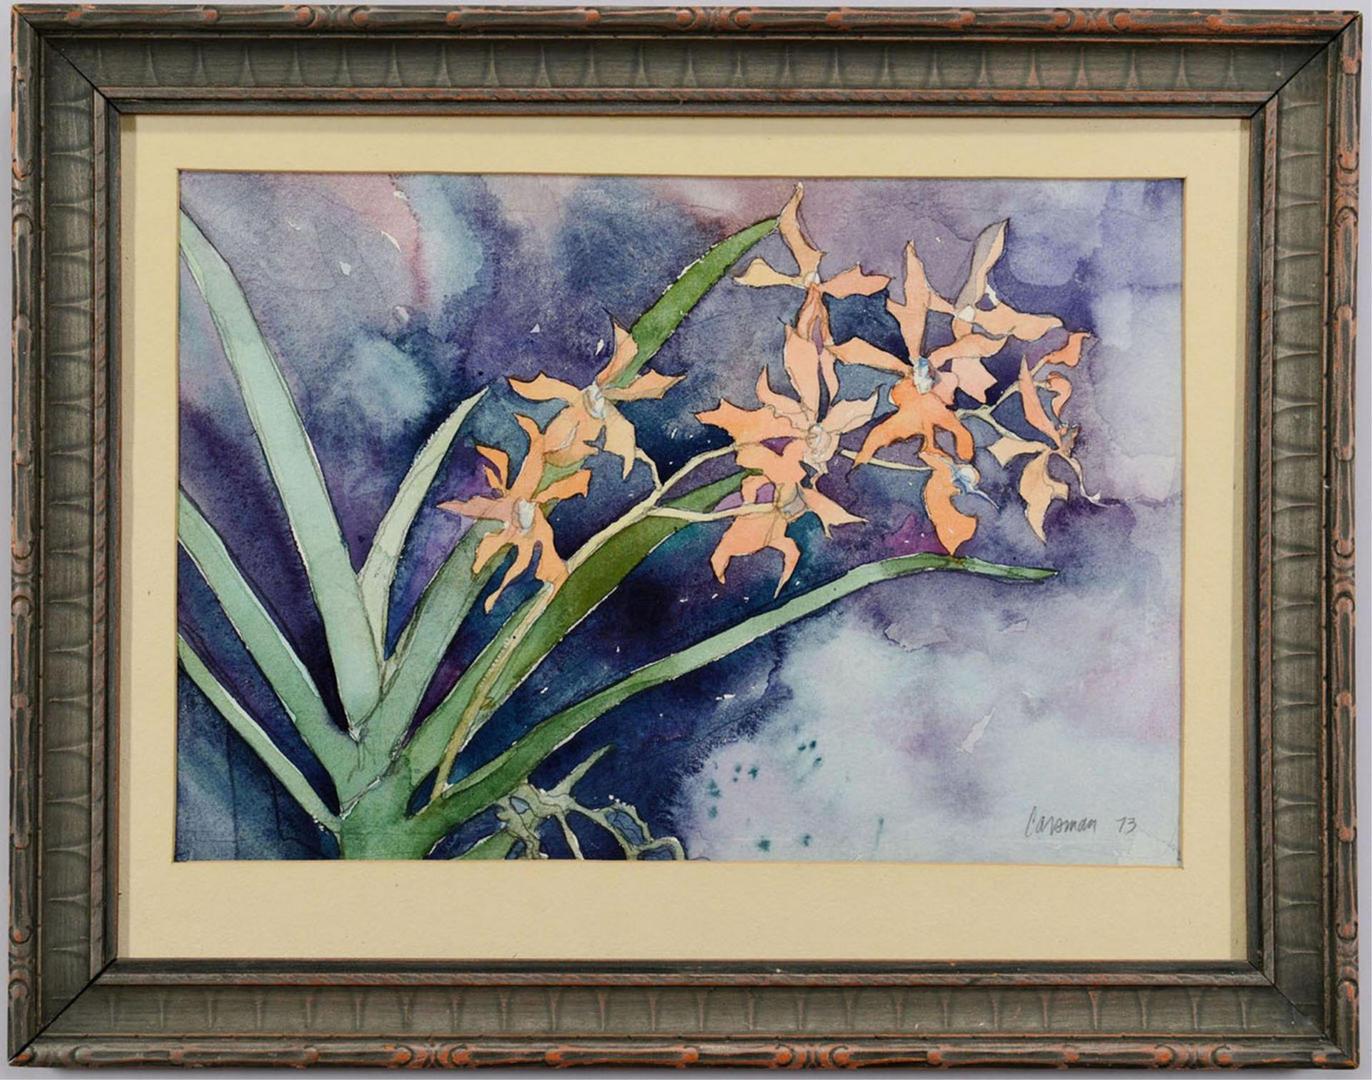 Lot 3088255: Attr. Jon Carsman, Floral Watercolor